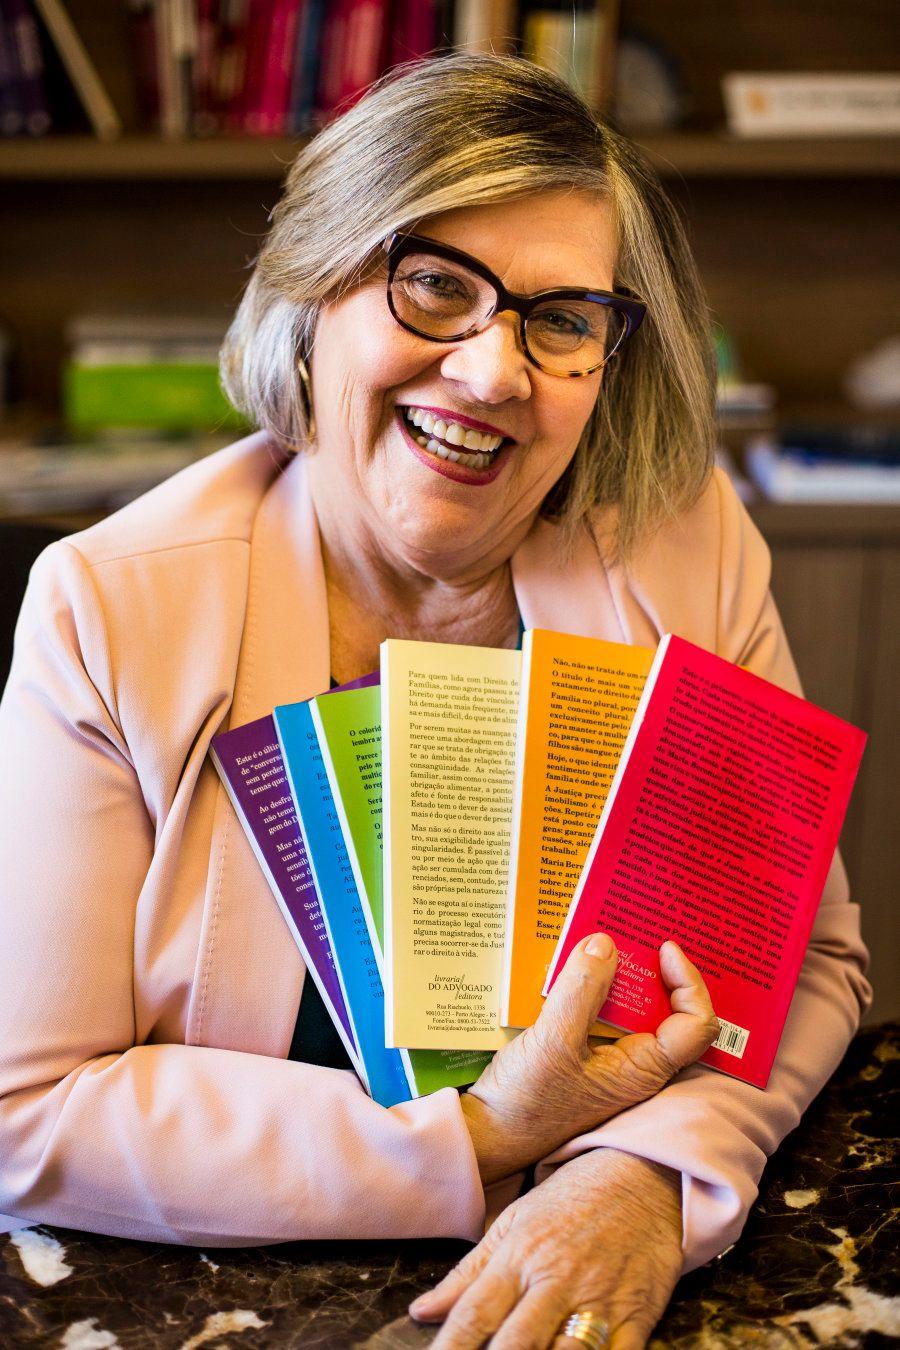 Ela batalhou para ser a primeira mulher juíza do Rio Grande do Sul e hoje é referência nos direitos de...